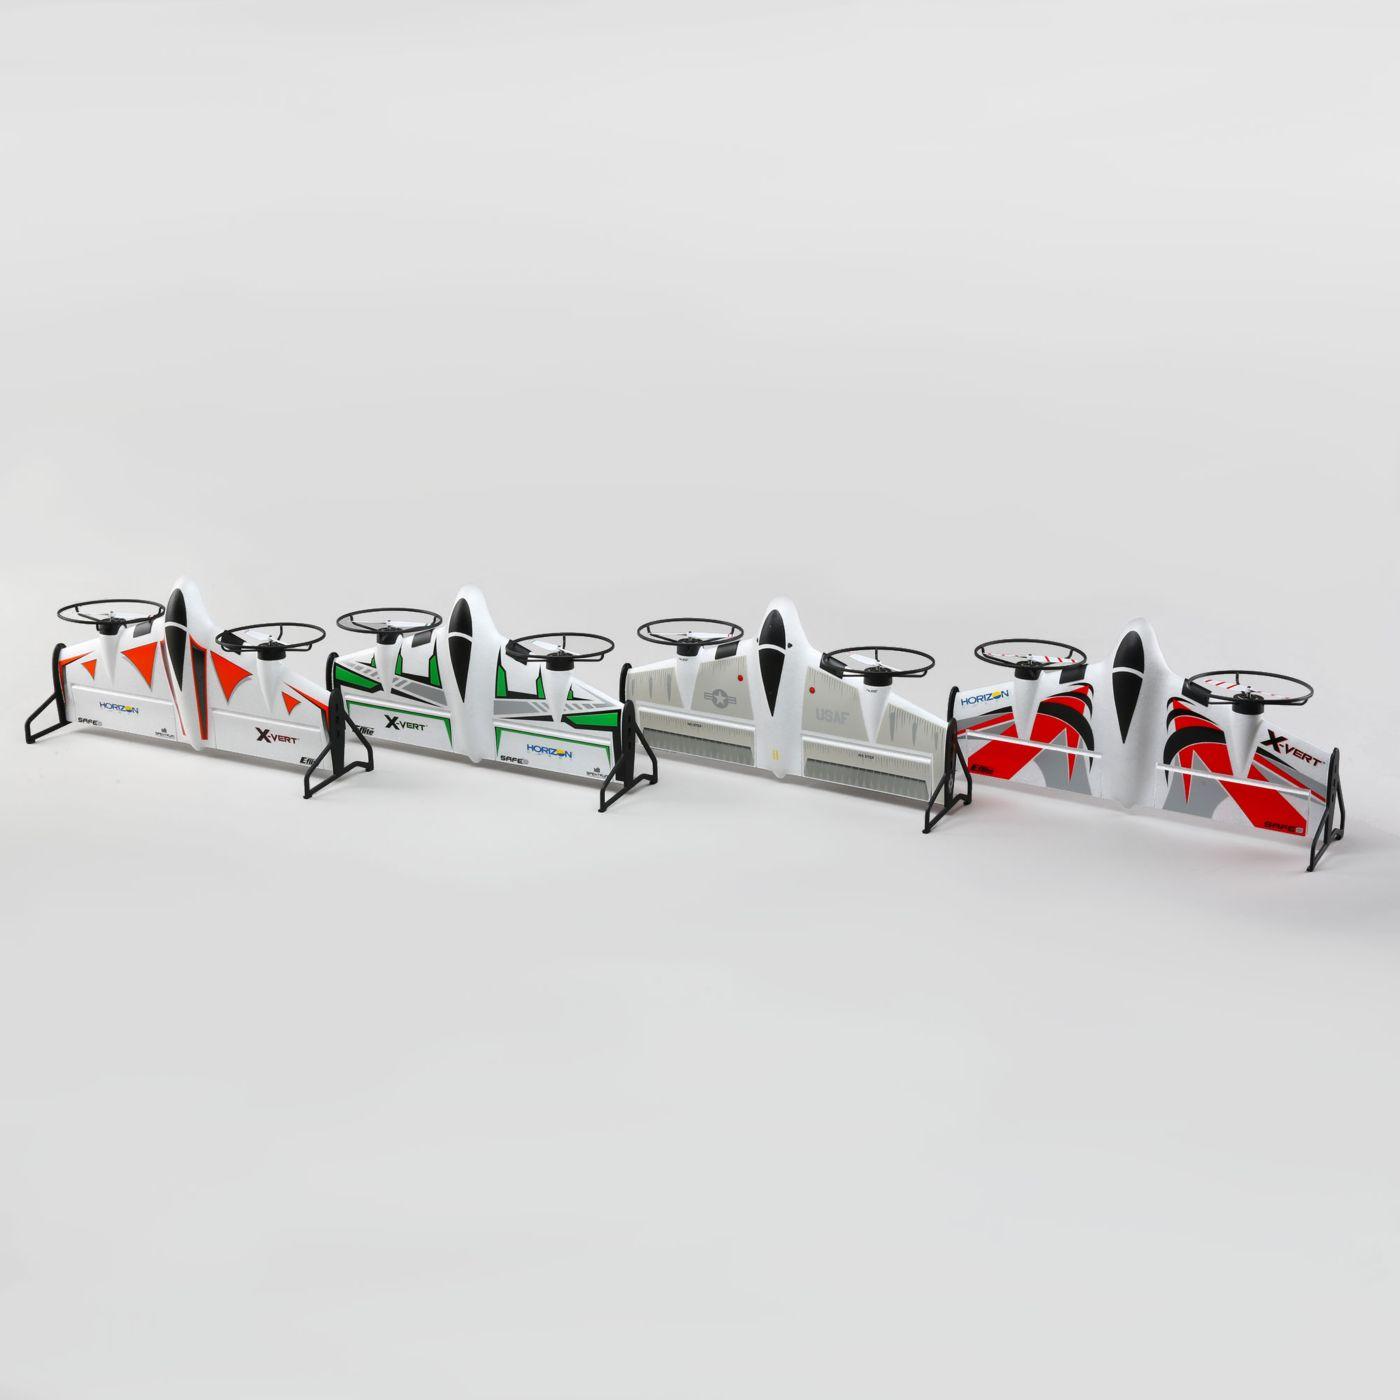 E flite X-Vert VTOL AS3X SAFE BNF 06